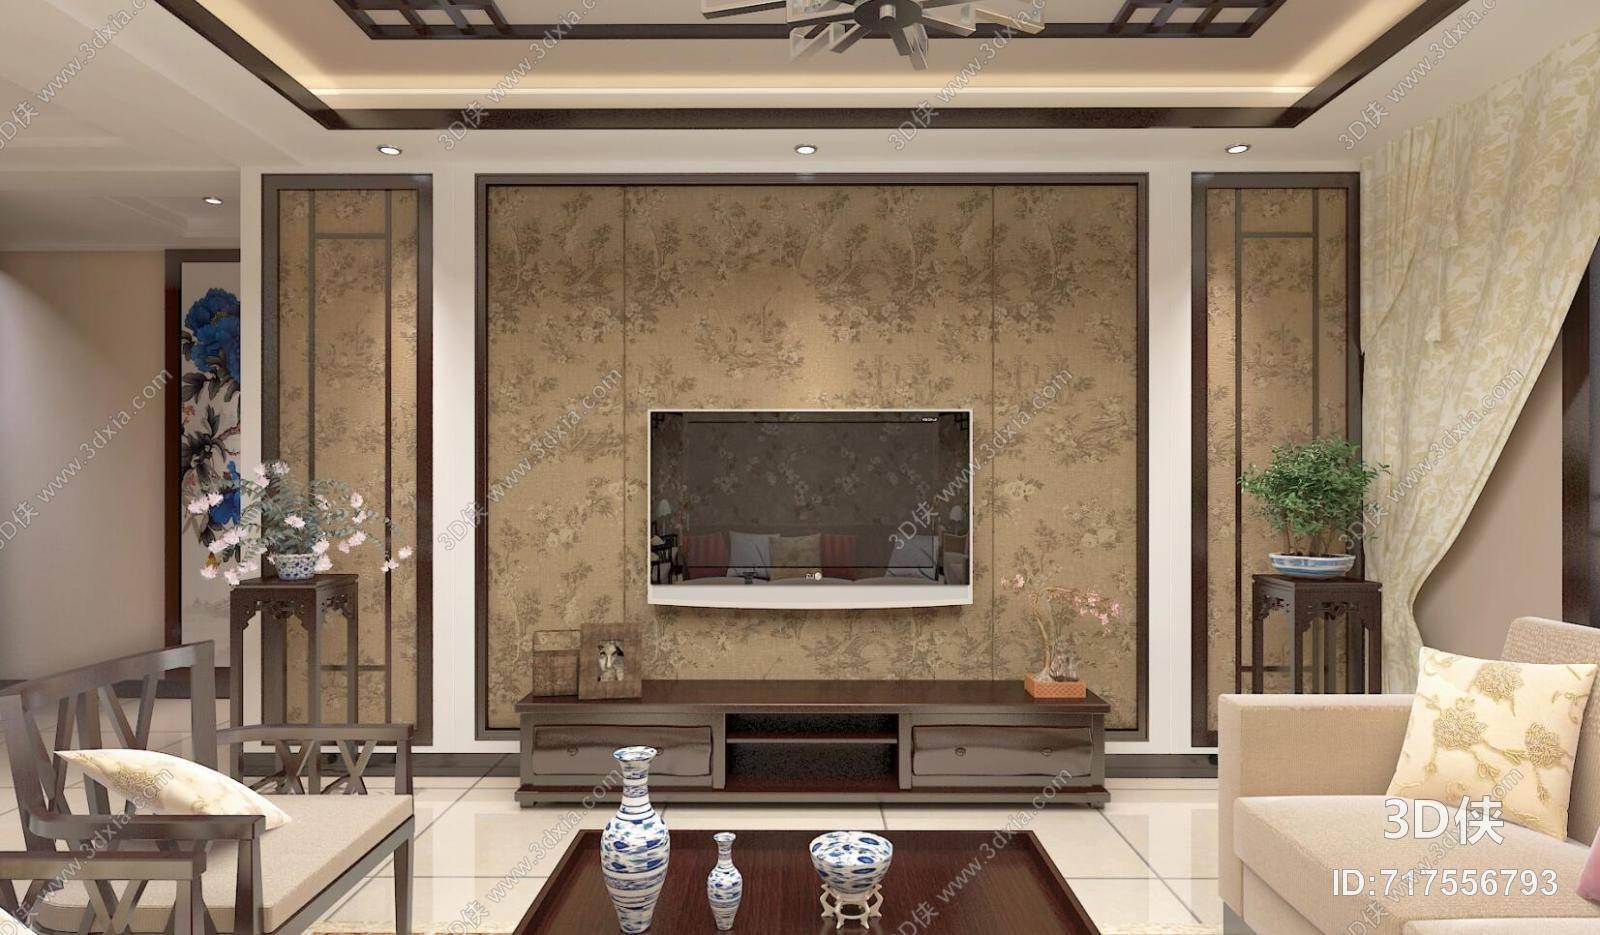 新中式家居客厅 新中式棕色木艺电视柜 棕色木艺花几 新中式家居玄关图片